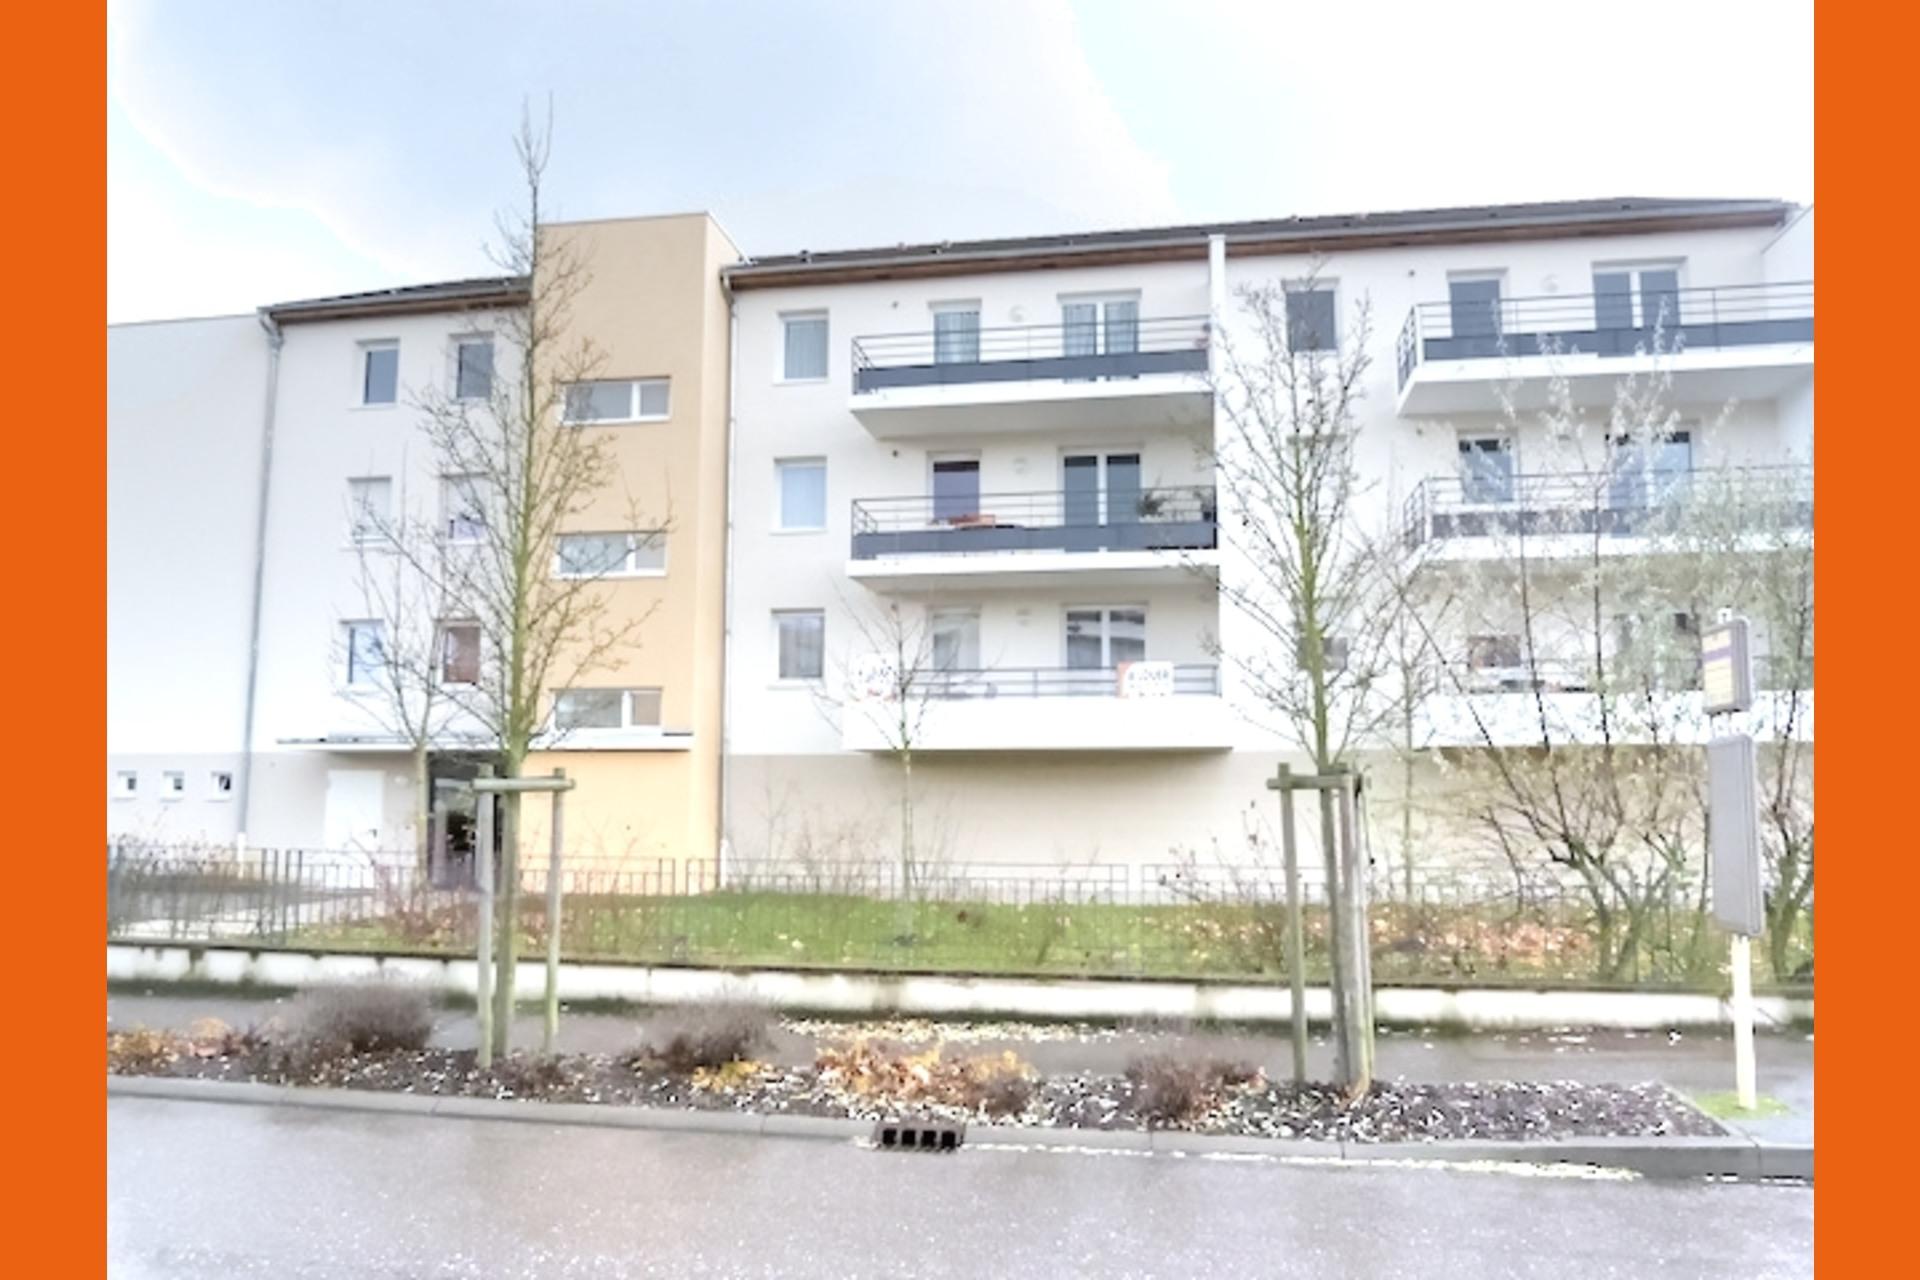 image 0 - Appartement À louer Moulins-lès-Metz - 2 pièces